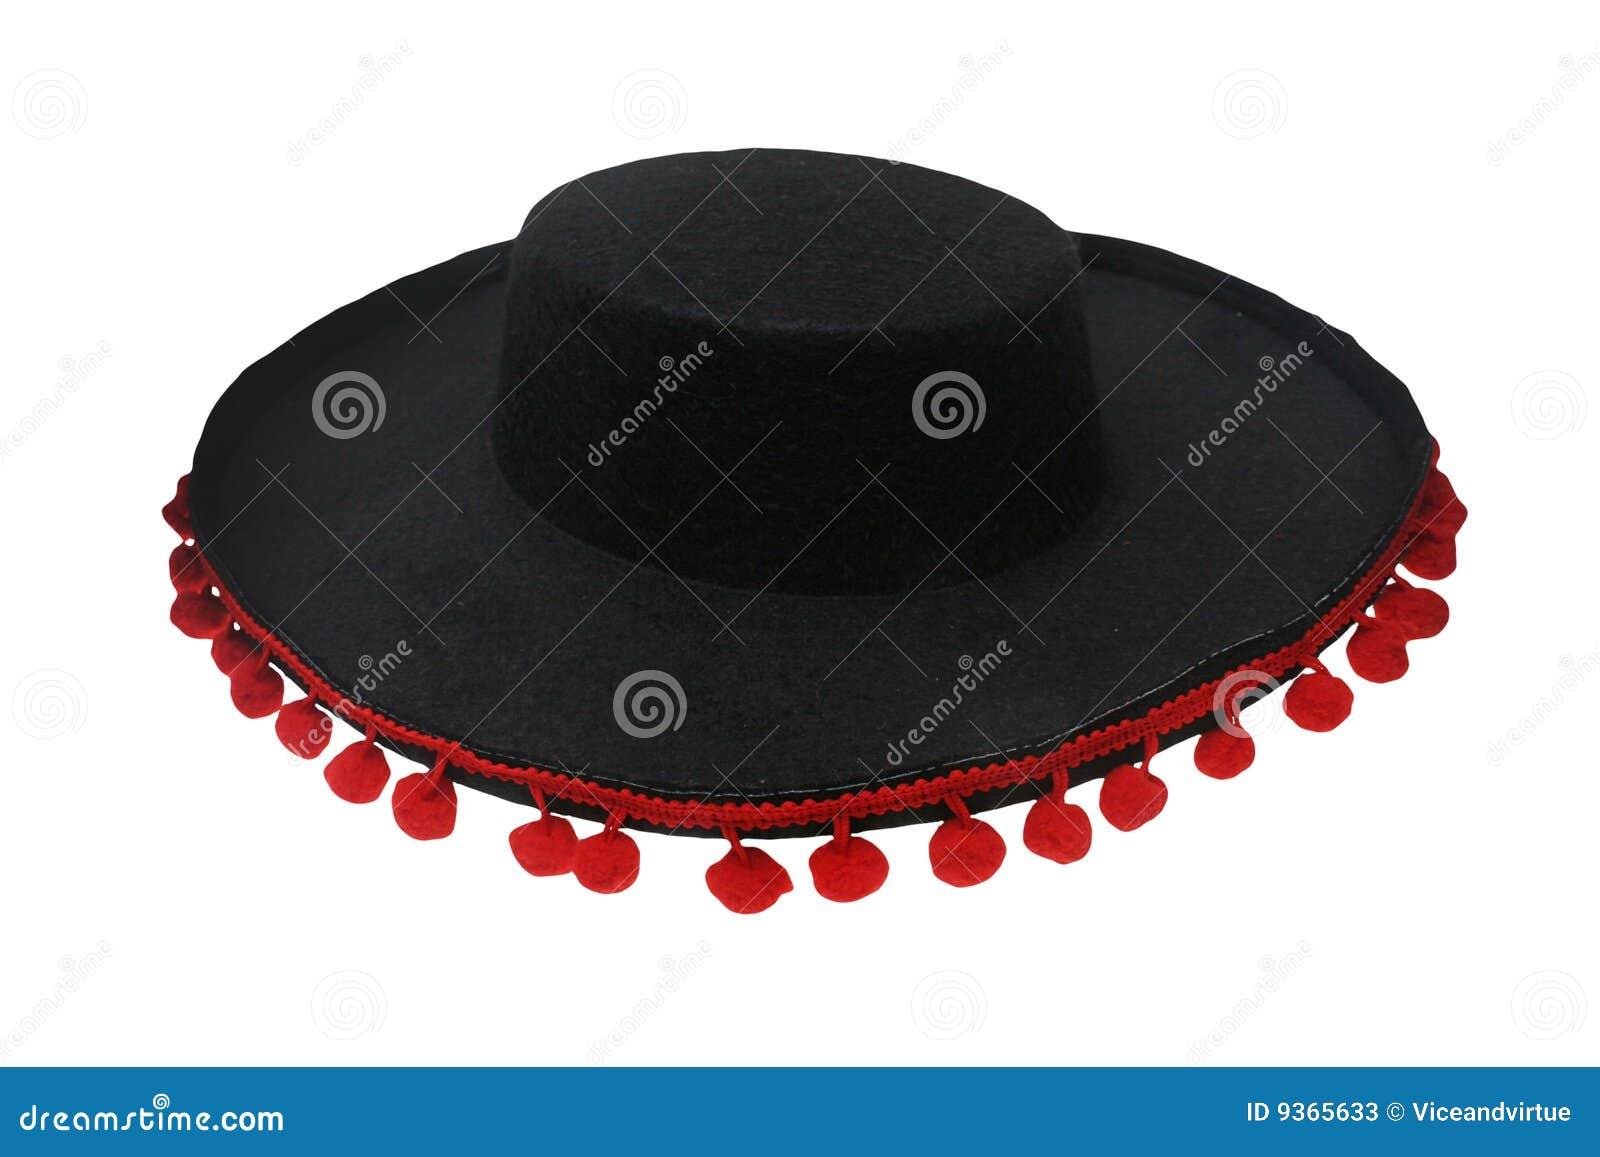 el sombrero buddhist singles Listen to the biggest hits from el dasa el dasa released four charting singles -- ya me vi, perdí el sombrero, edición especial perdí el sombrero.